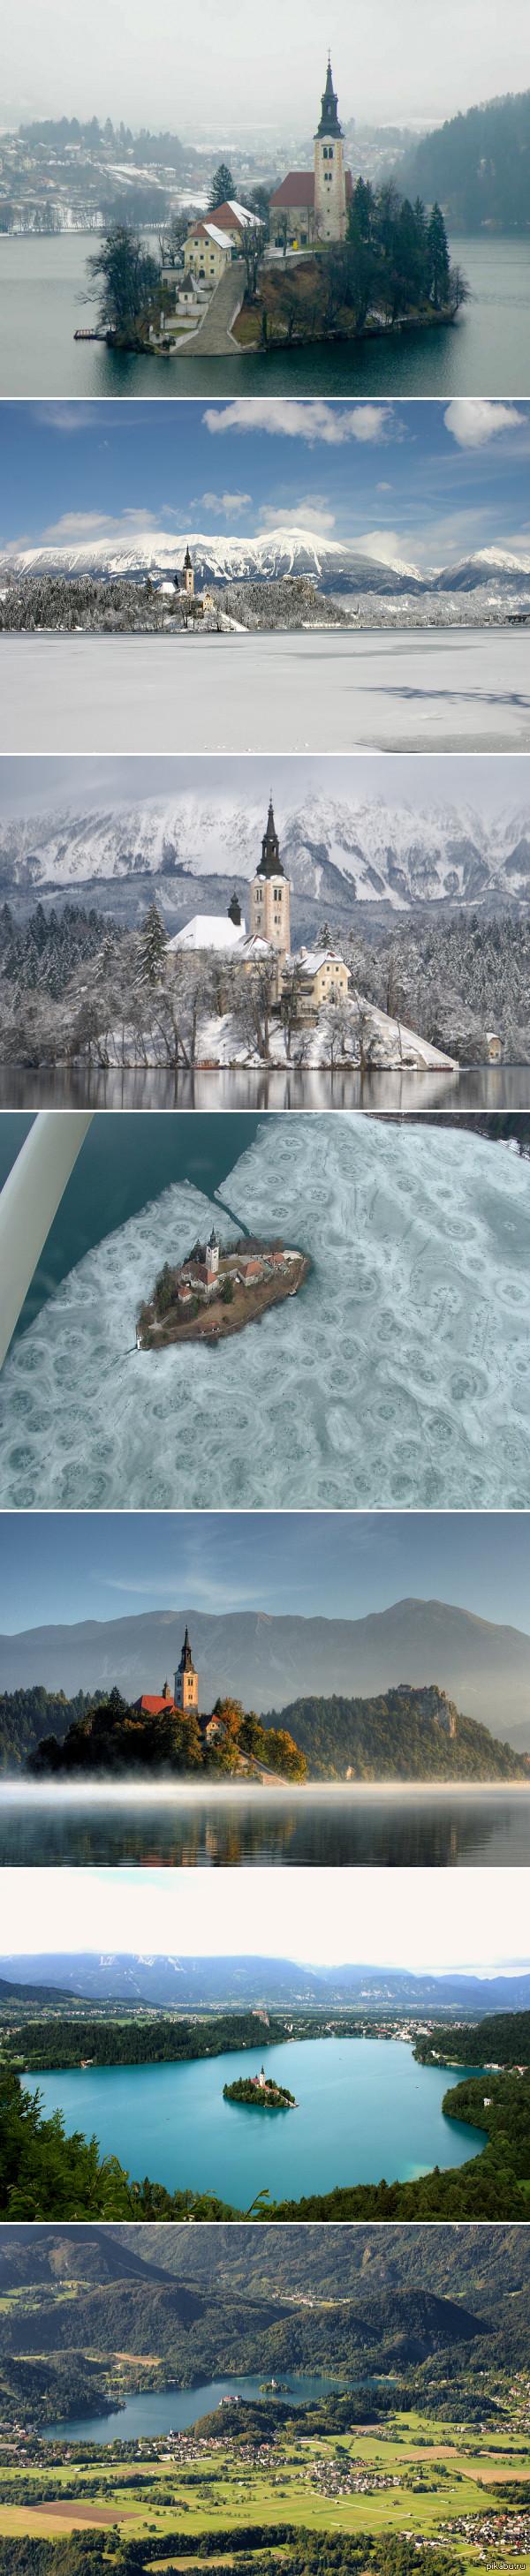 Озеро Блед. Словения на середине озера на острове размещена часовня с «колоколом желаний», говорят, если загадать желание и позвонить в этот колокол, то оно обязательно сбудется